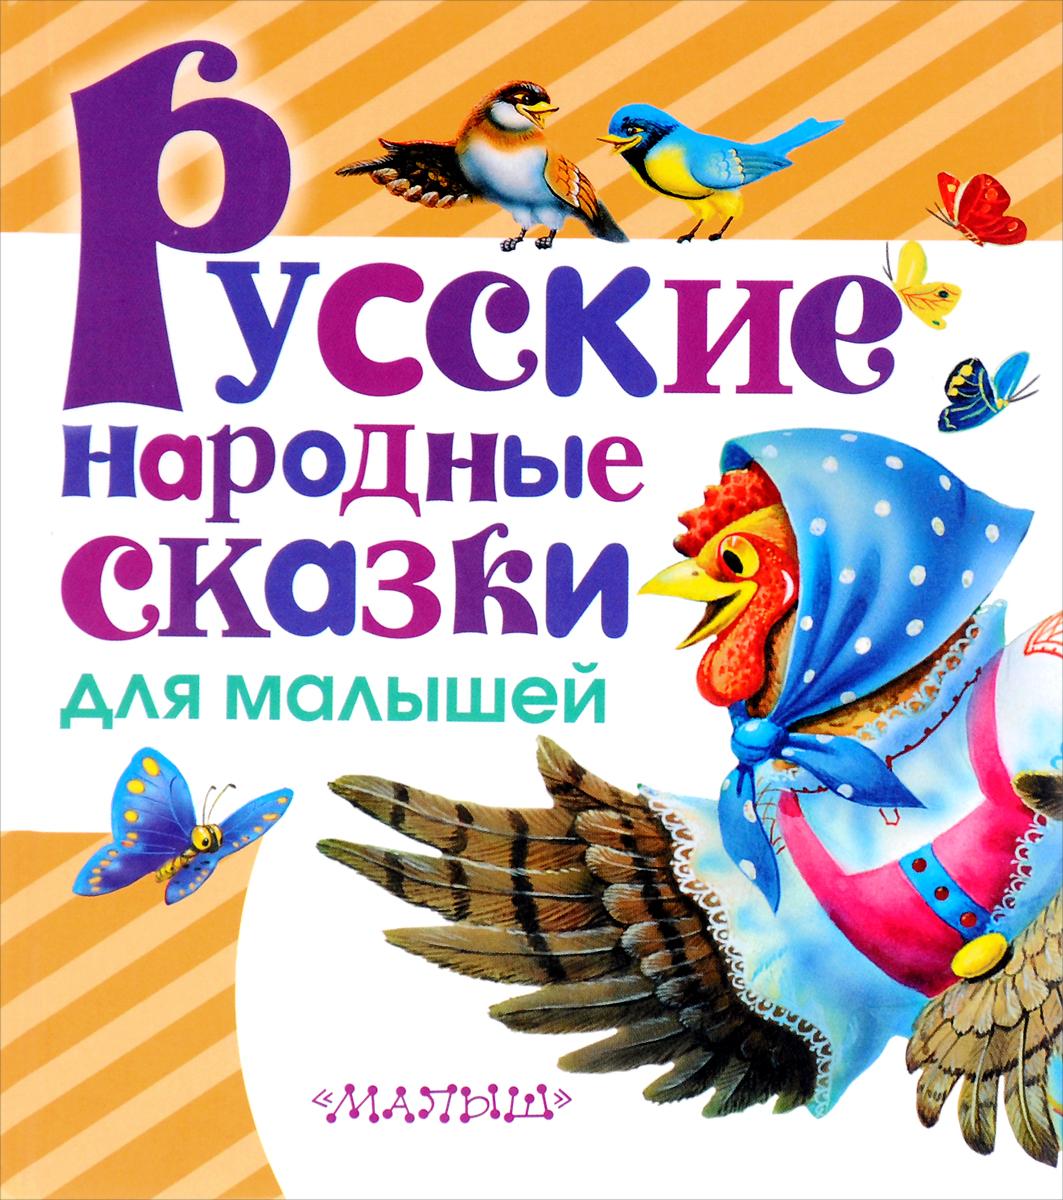 Толстой Алексей Николаевич; Науменко Георгий Маркович Русские народные сказки для малышей